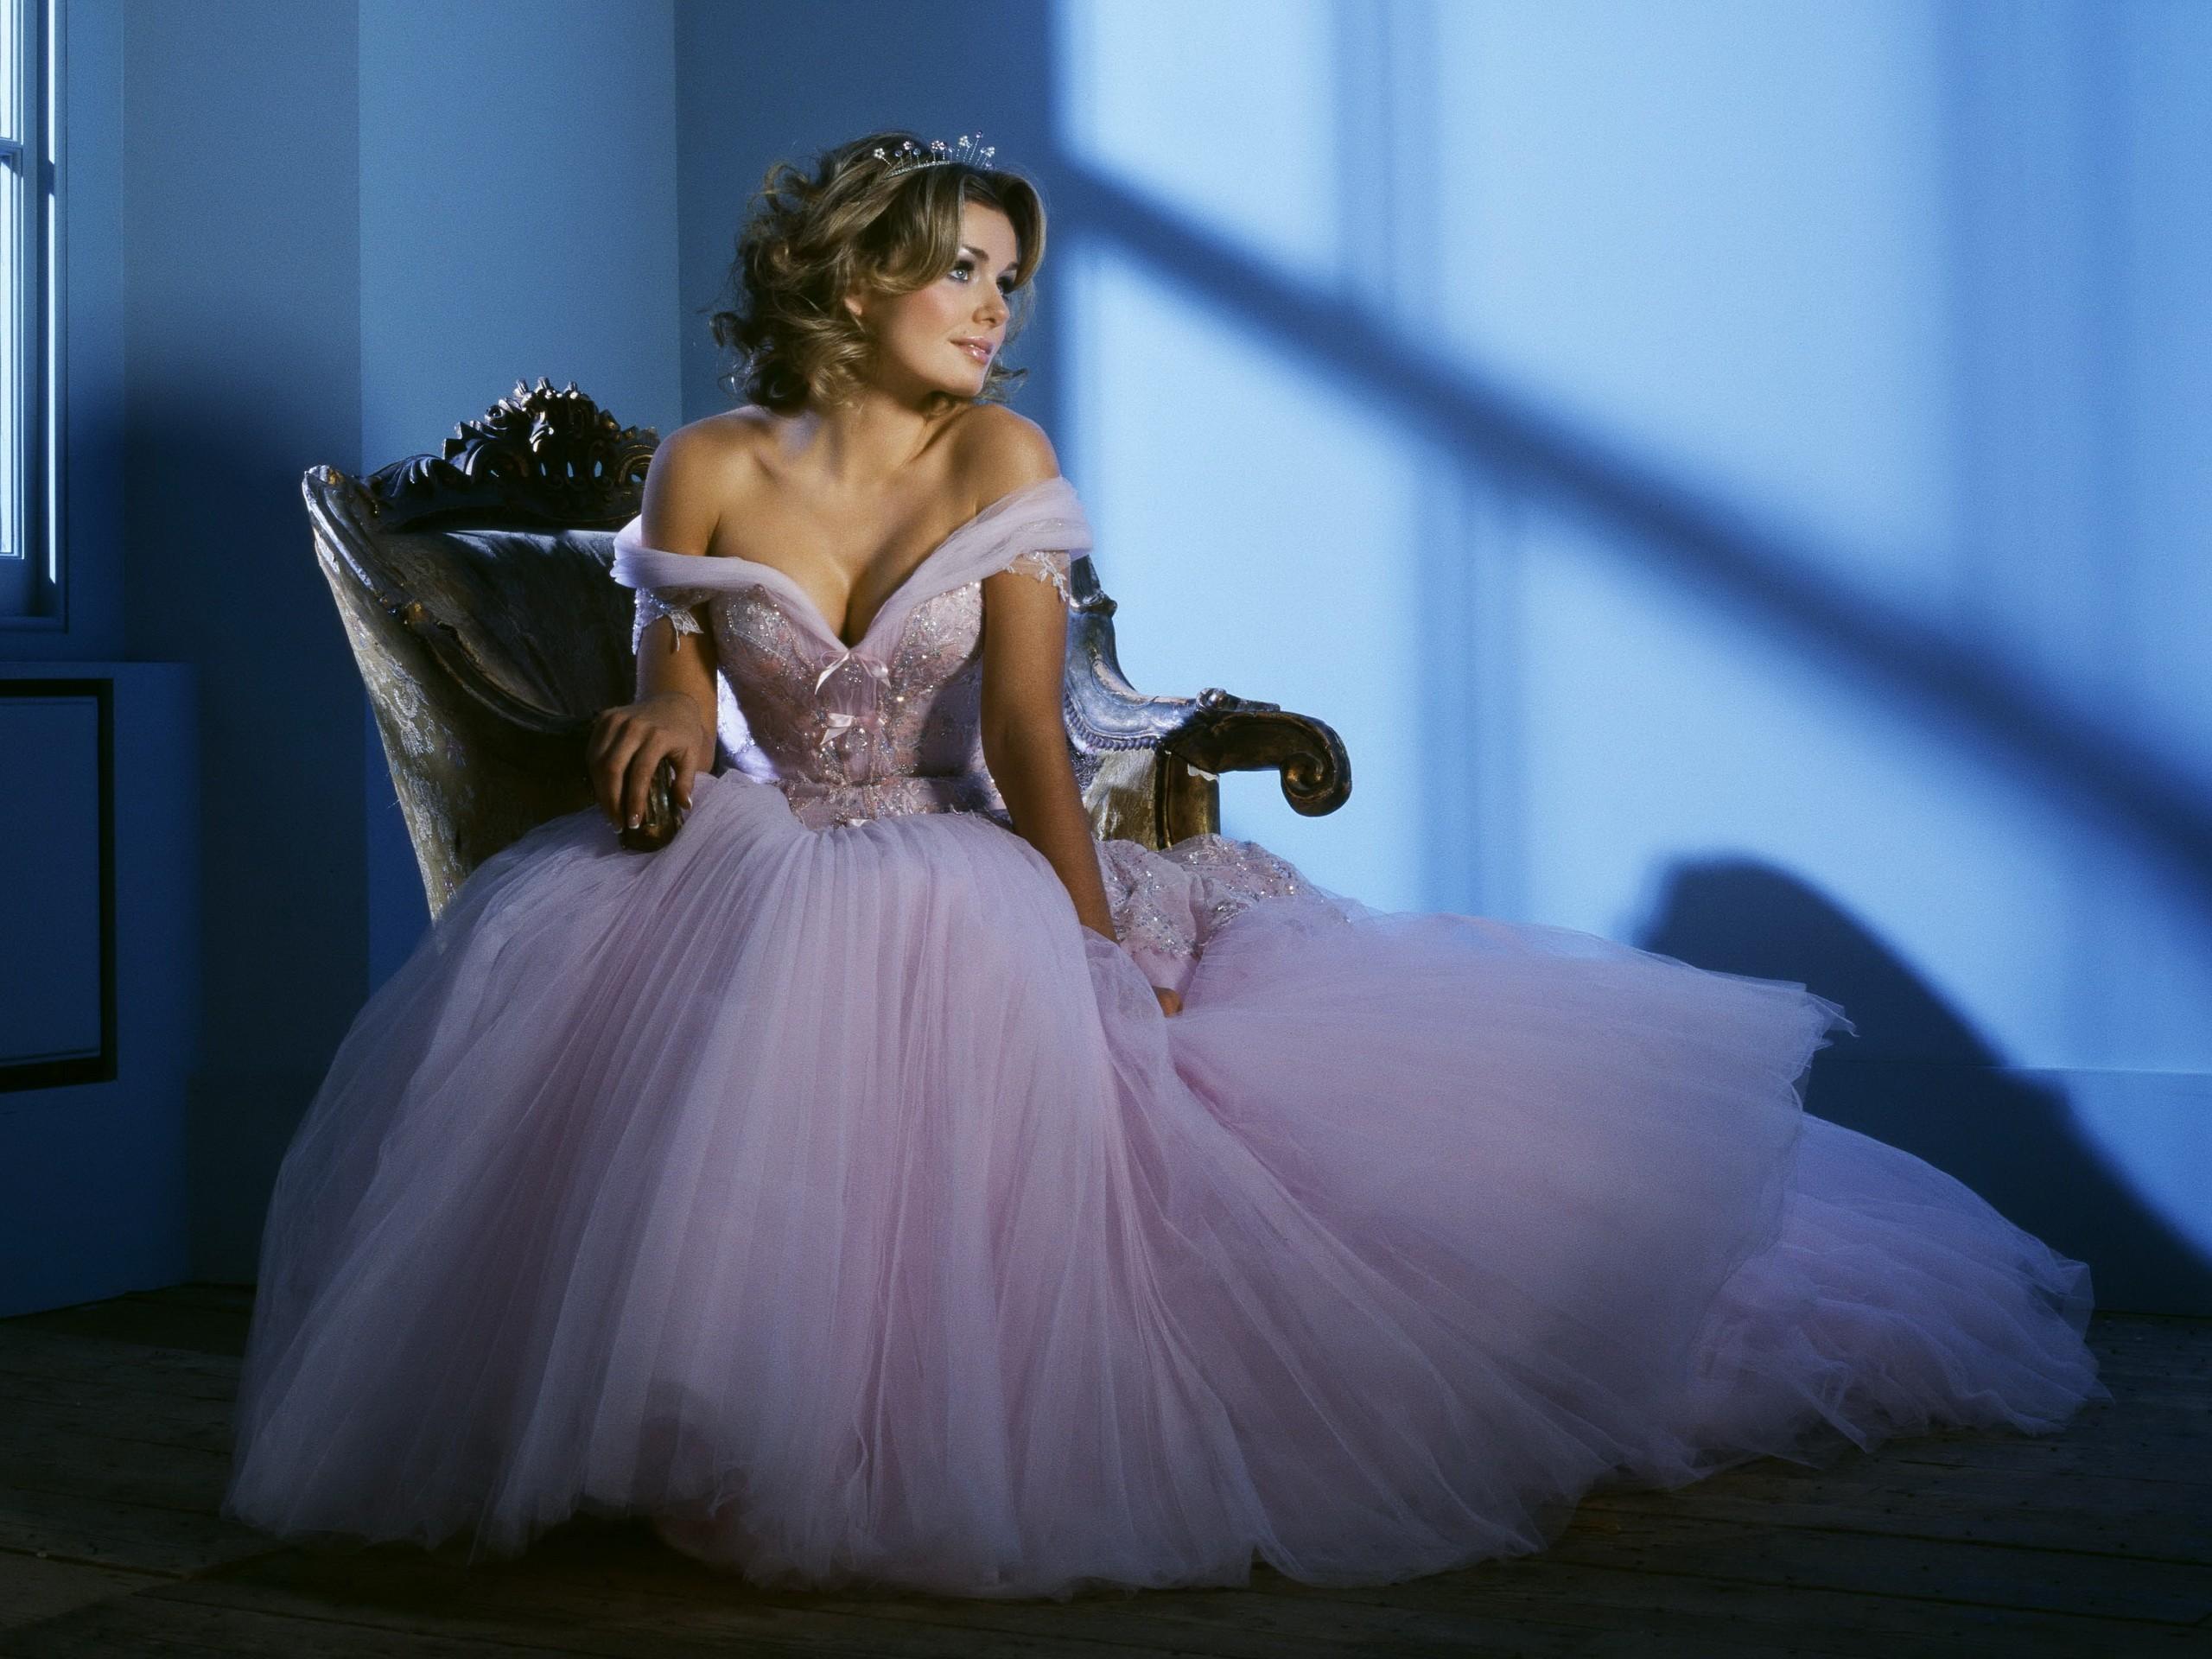 Бегущая девушка в свадебном платье